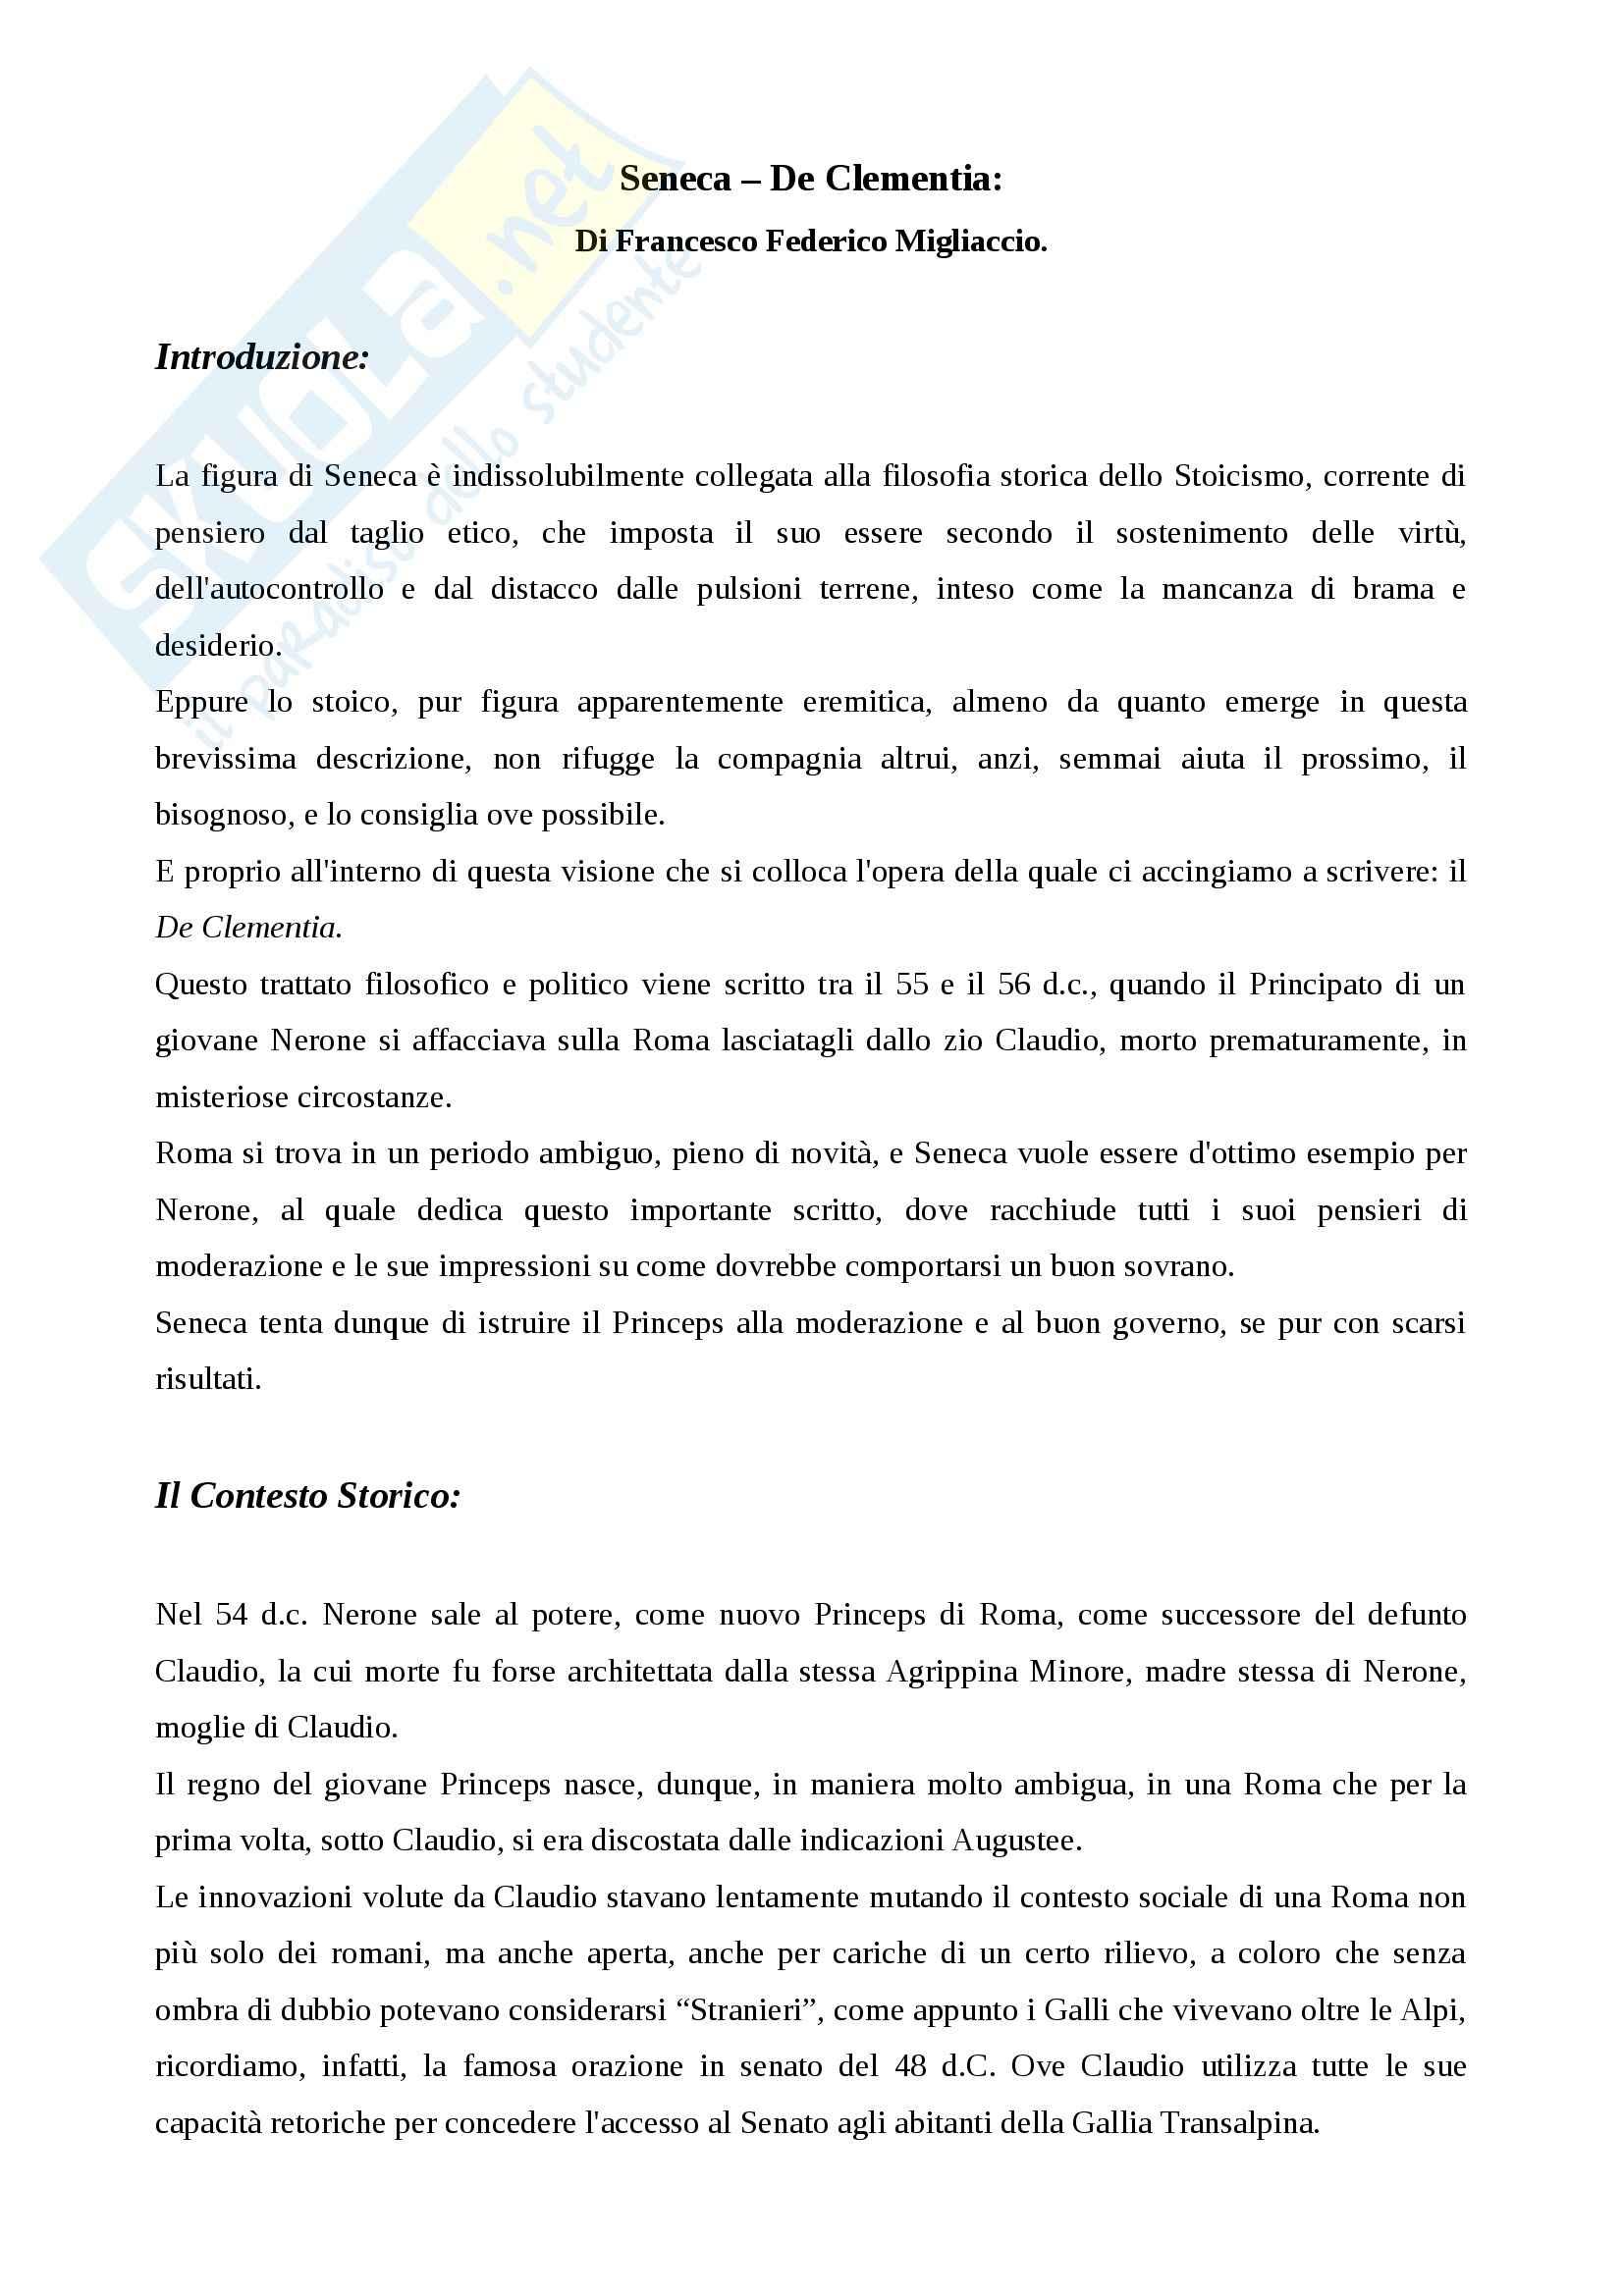 Lingua e letteratura latina - De clementia, Seneca